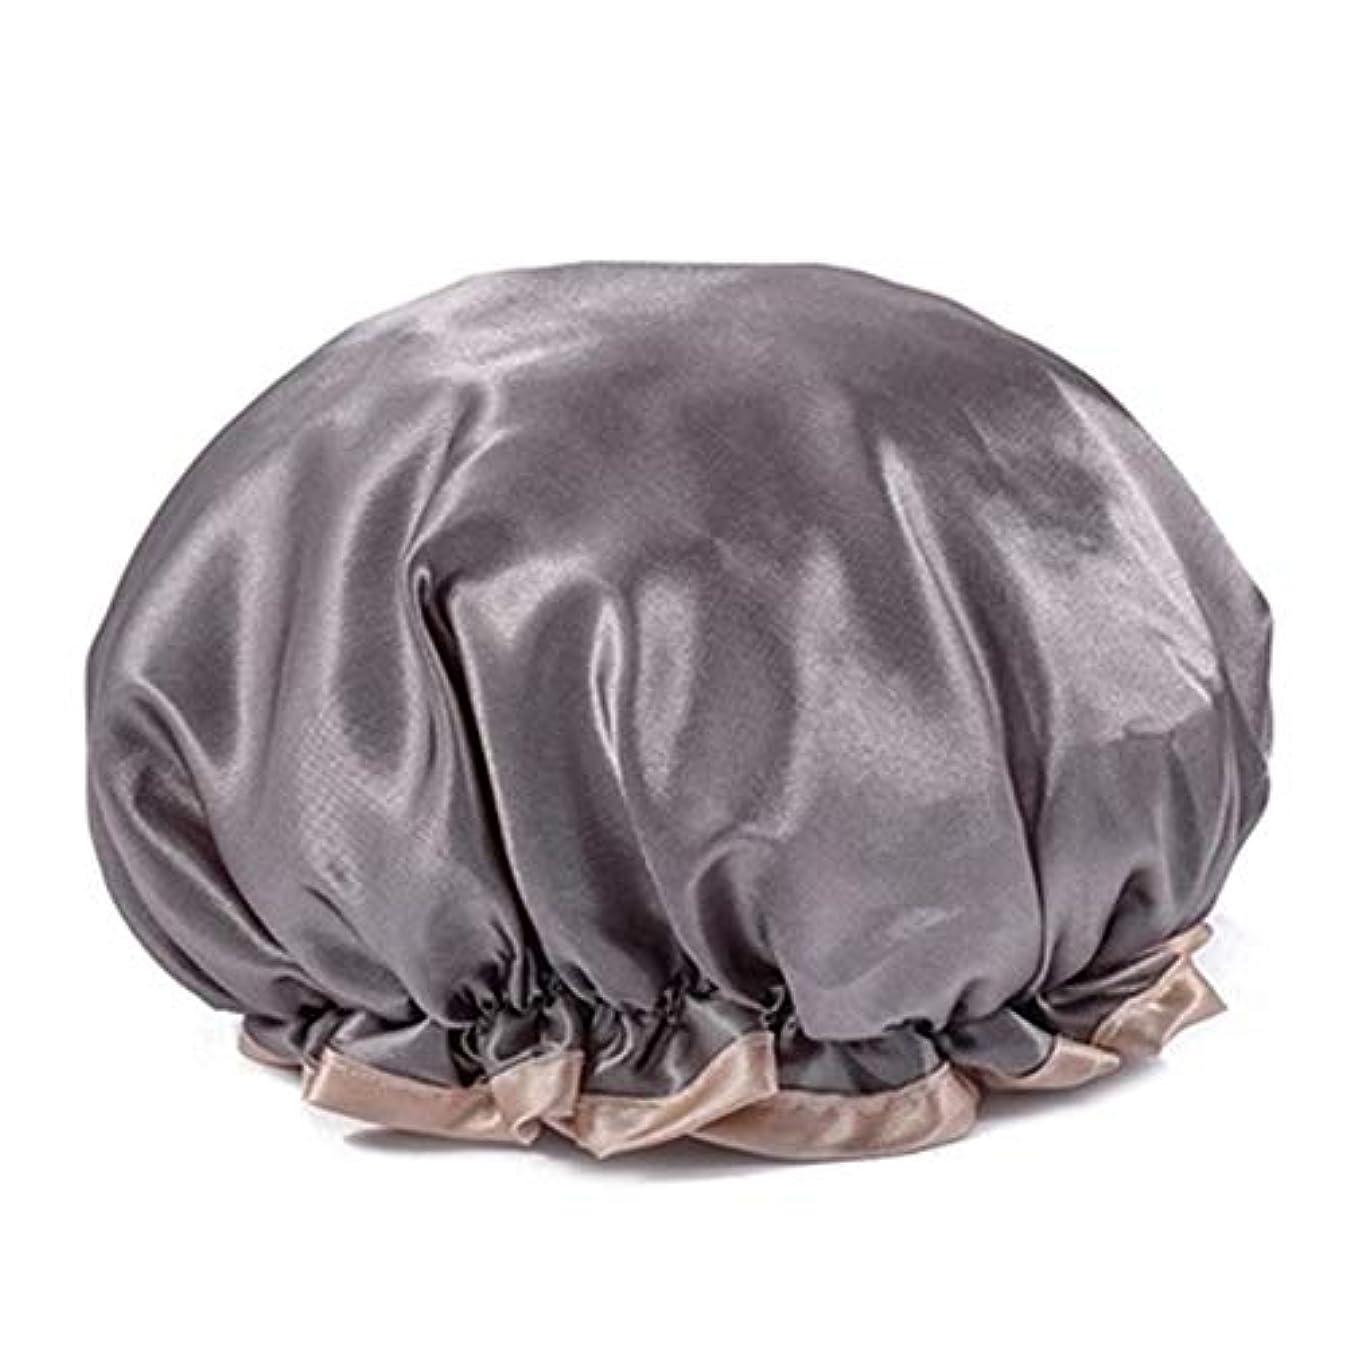 極地ゆりかご金曜日シャワーキャップ 可愛い ヘアキャップ フリーサイズ 防水帽 入浴チャップ 浴用帽子 サロンの髪を保護する帽子 お風呂 旅行セット 繰り返す使用可能 化粧帽 油煙を防ぐ ヘアーターバン (グレー)